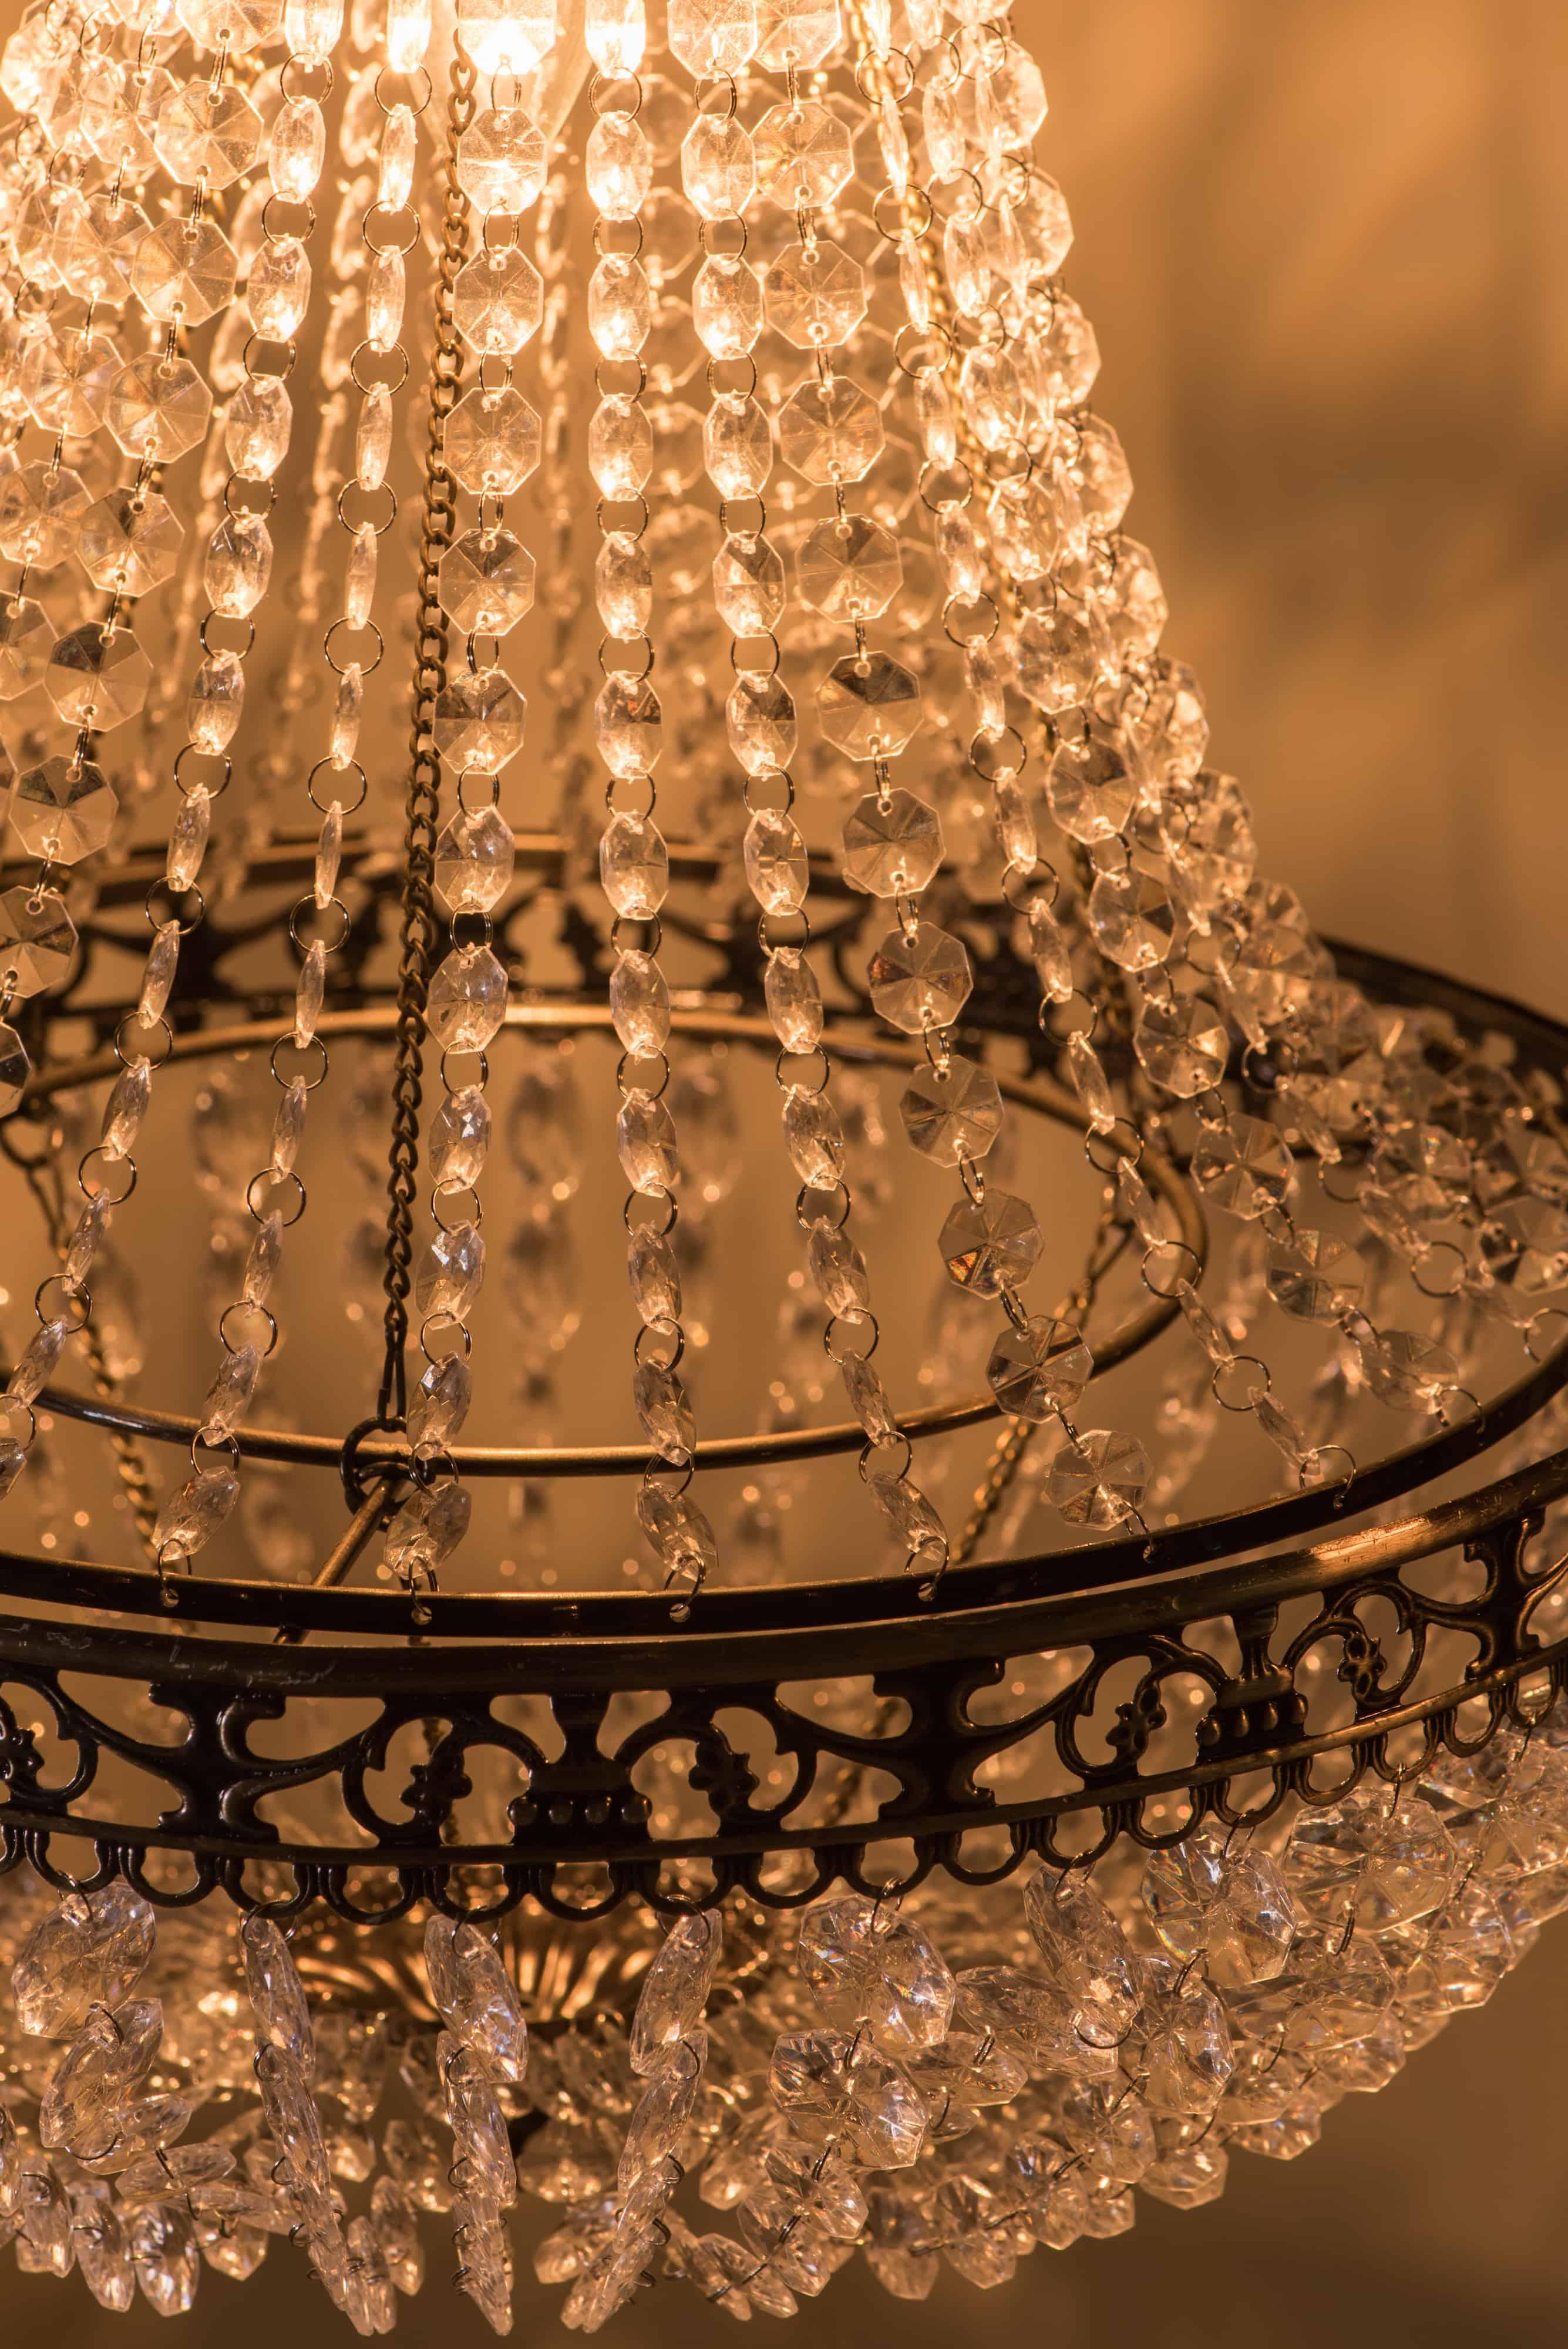 古銅華麗透明壓克力珠吊燈-BNL00050 7